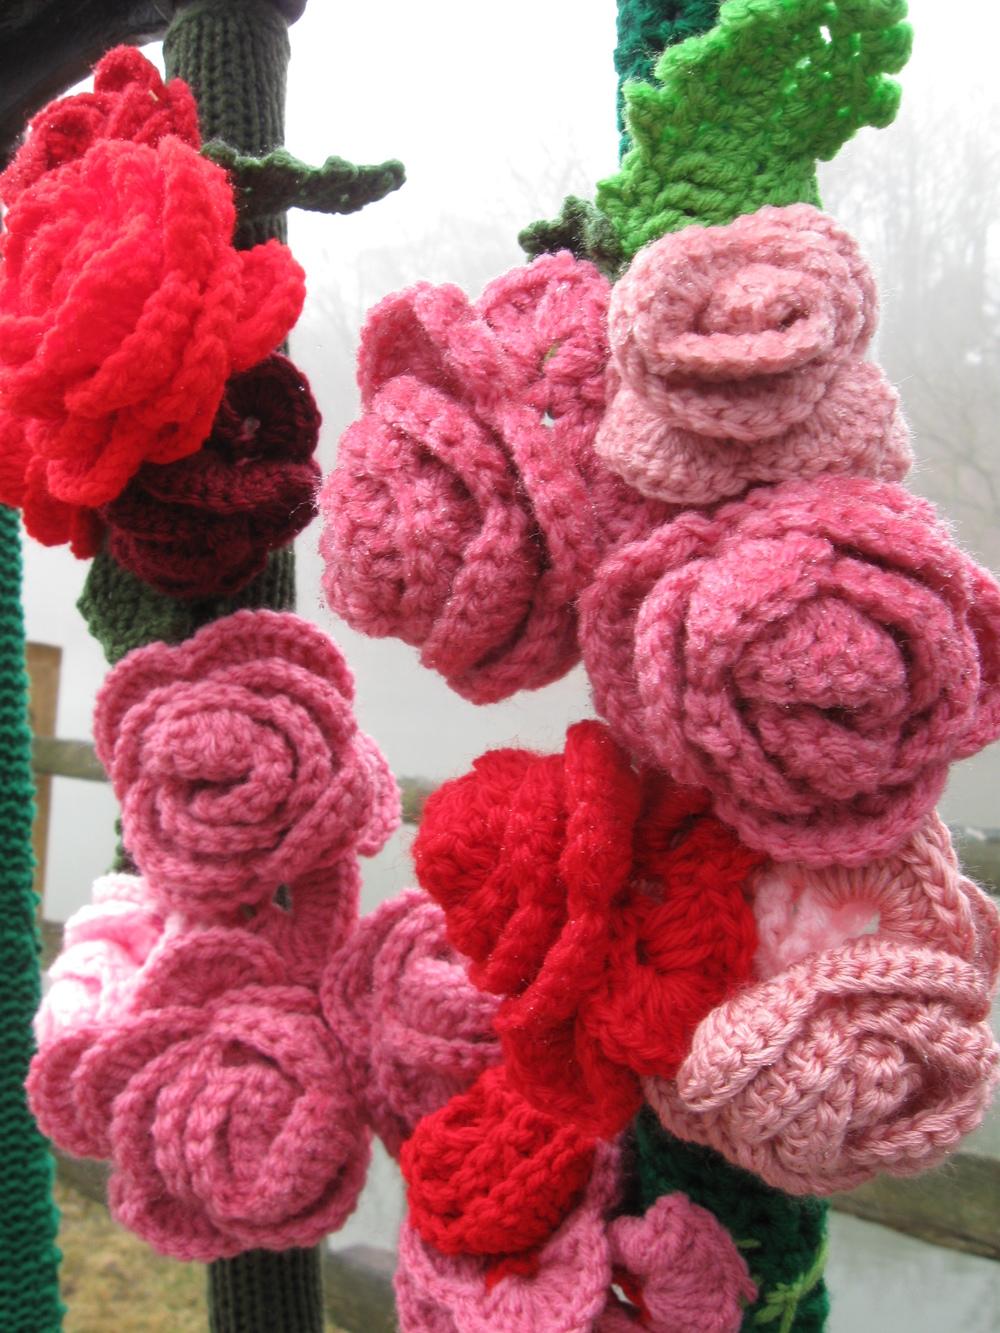 Roses closeup 3-26.JPG